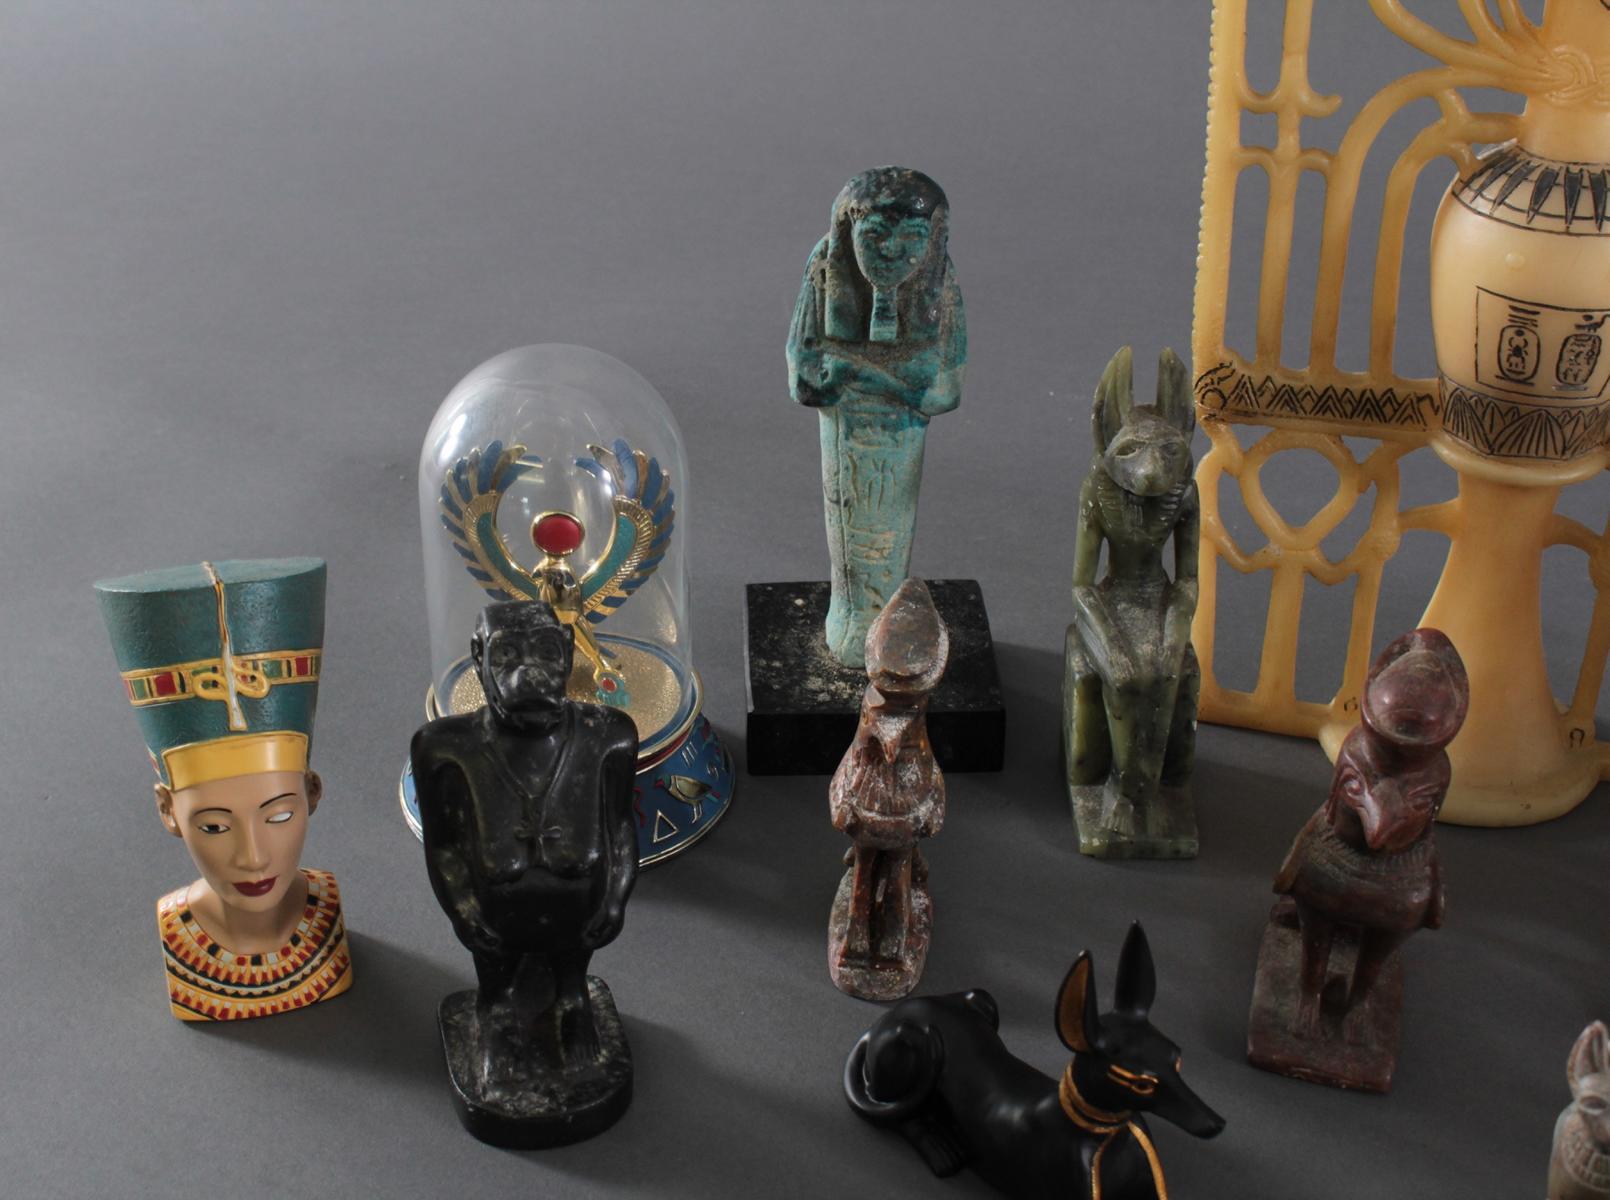 Museums-Replikat Sammlung, Ägyptische Figuren-2